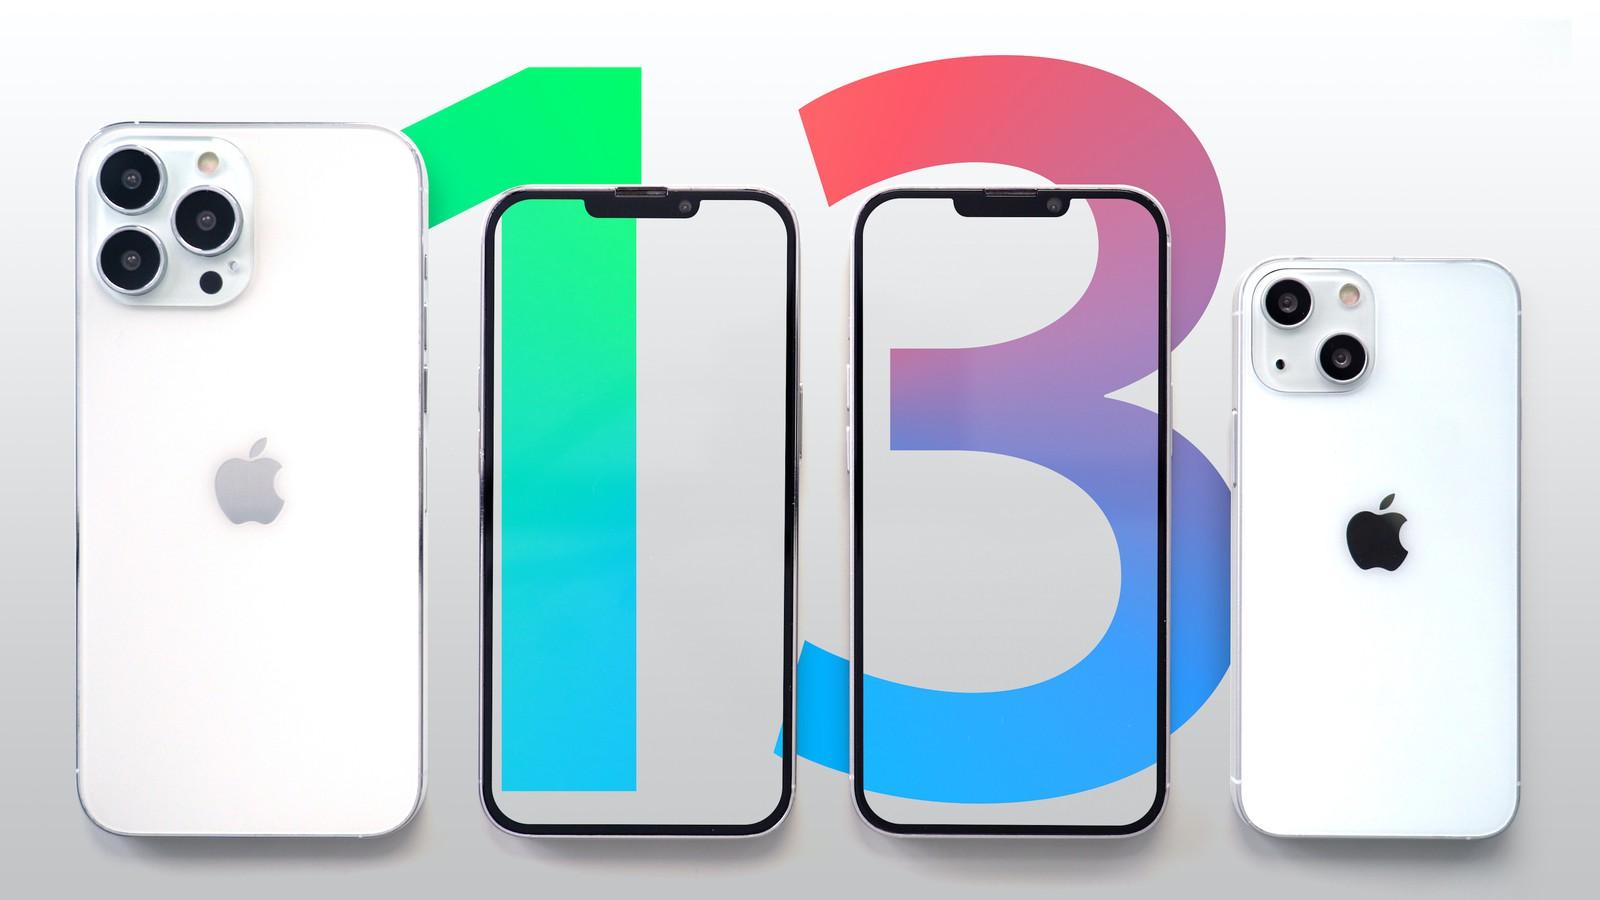 iPhone 13 concept render